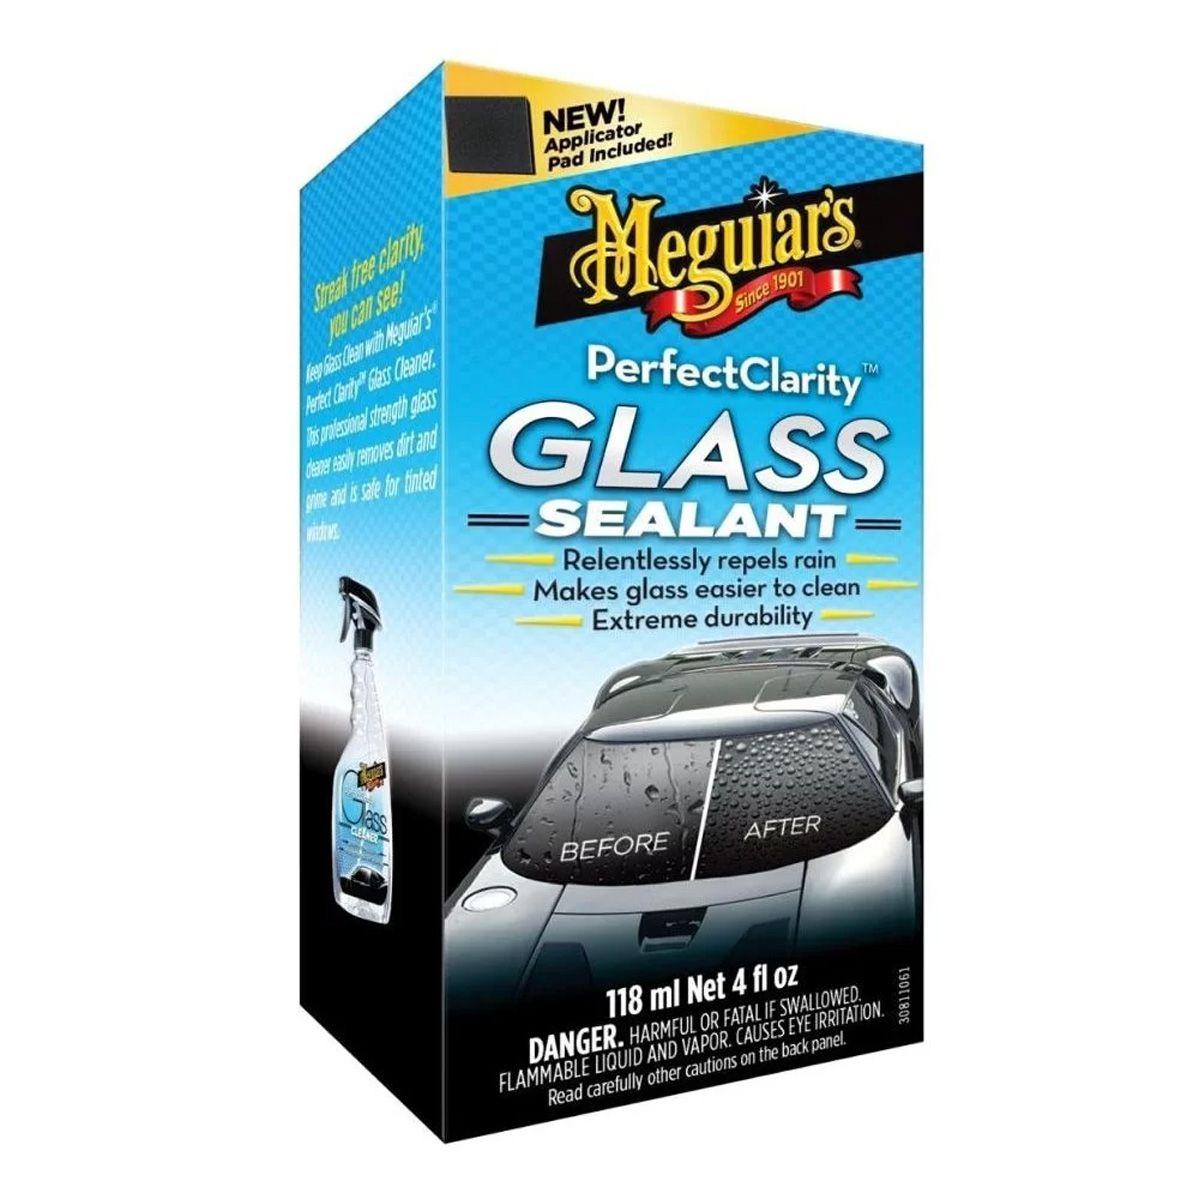 Cristalizador de Vidros Perfect Clarity Glass Sealant 118ml Meguiars